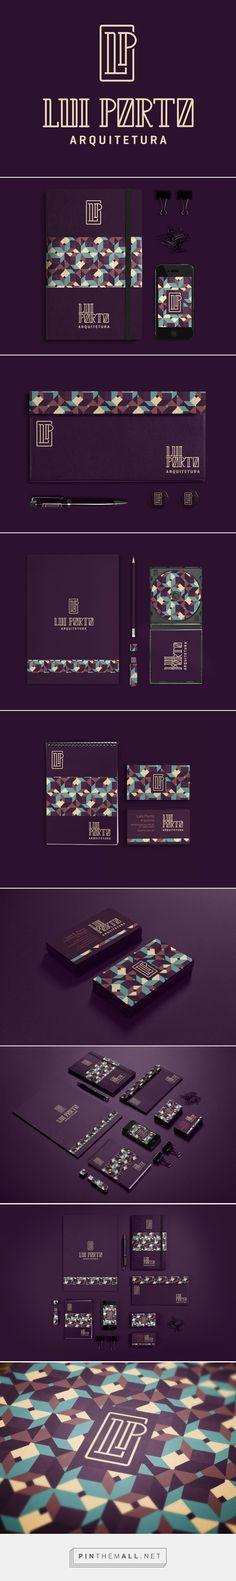 Lui Porto on Behance | Fivestar Branding – Design and Branding Agency &…